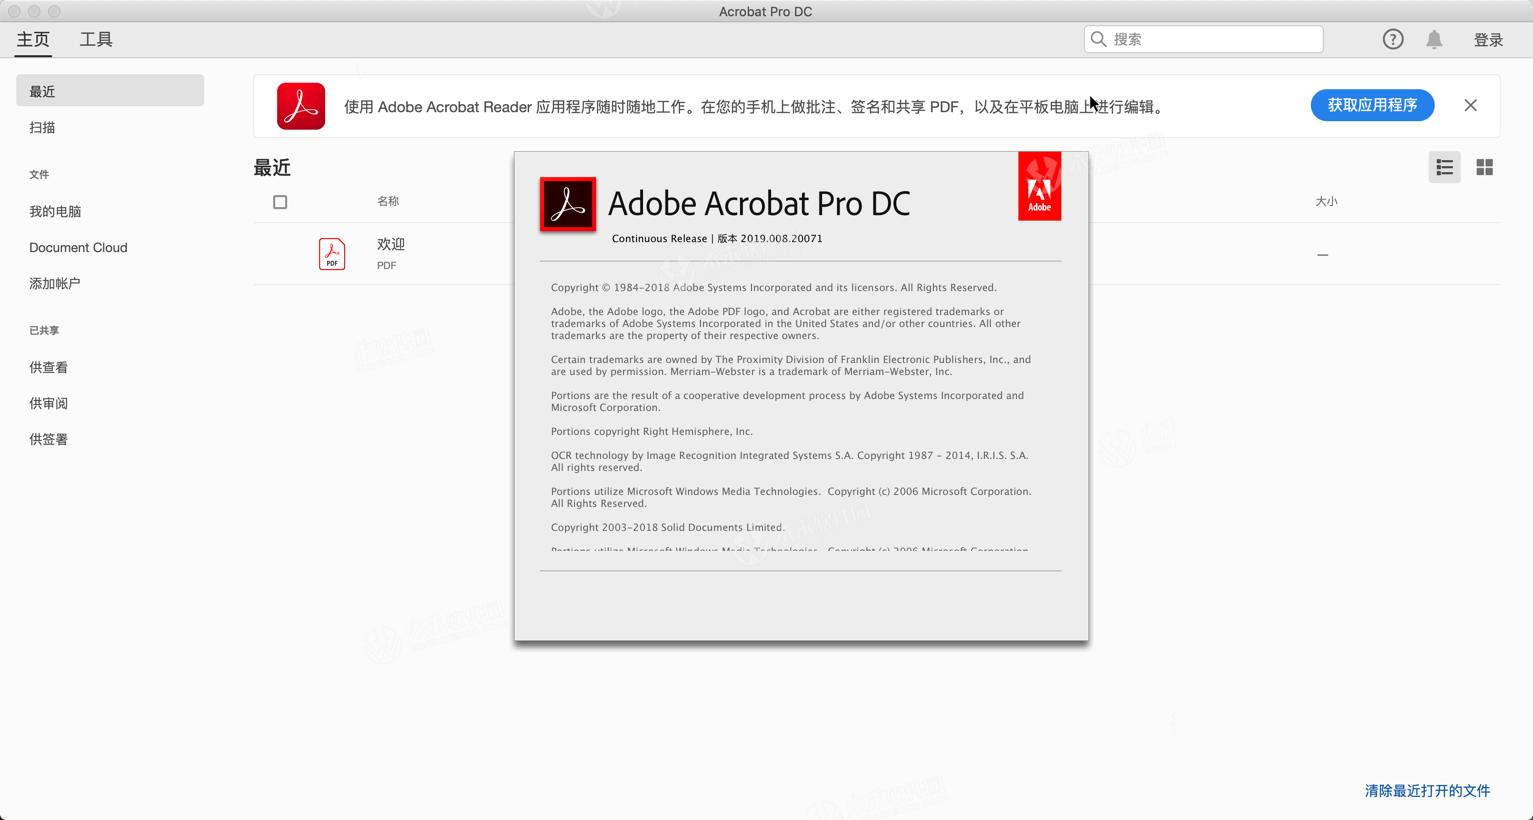 Pdf editor Adobe Acrobat DC 2019 for Mac Chinese version